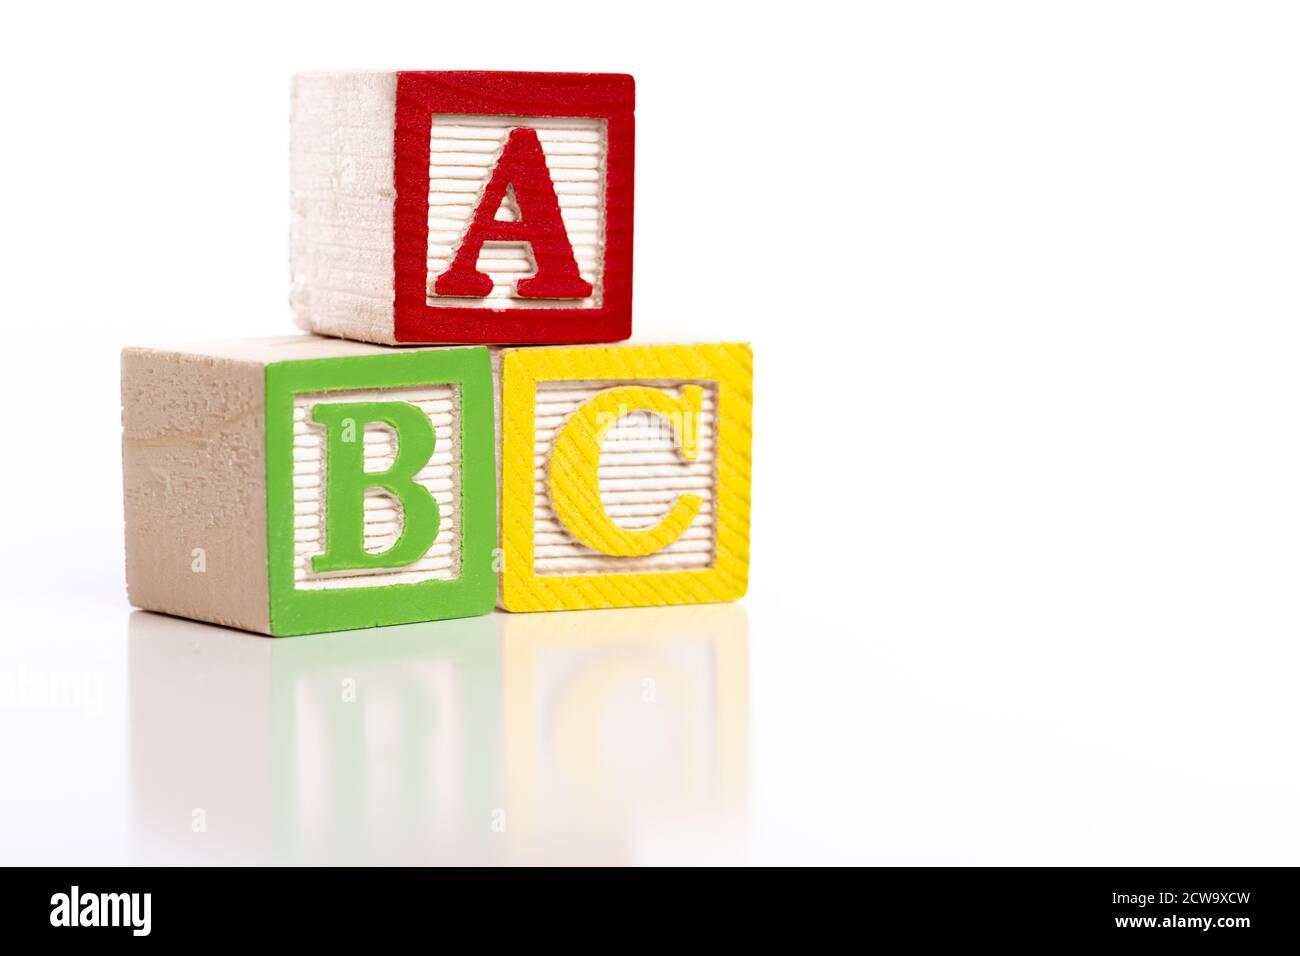 Blocs ABC en bois sur fond blanc Banque D'Images